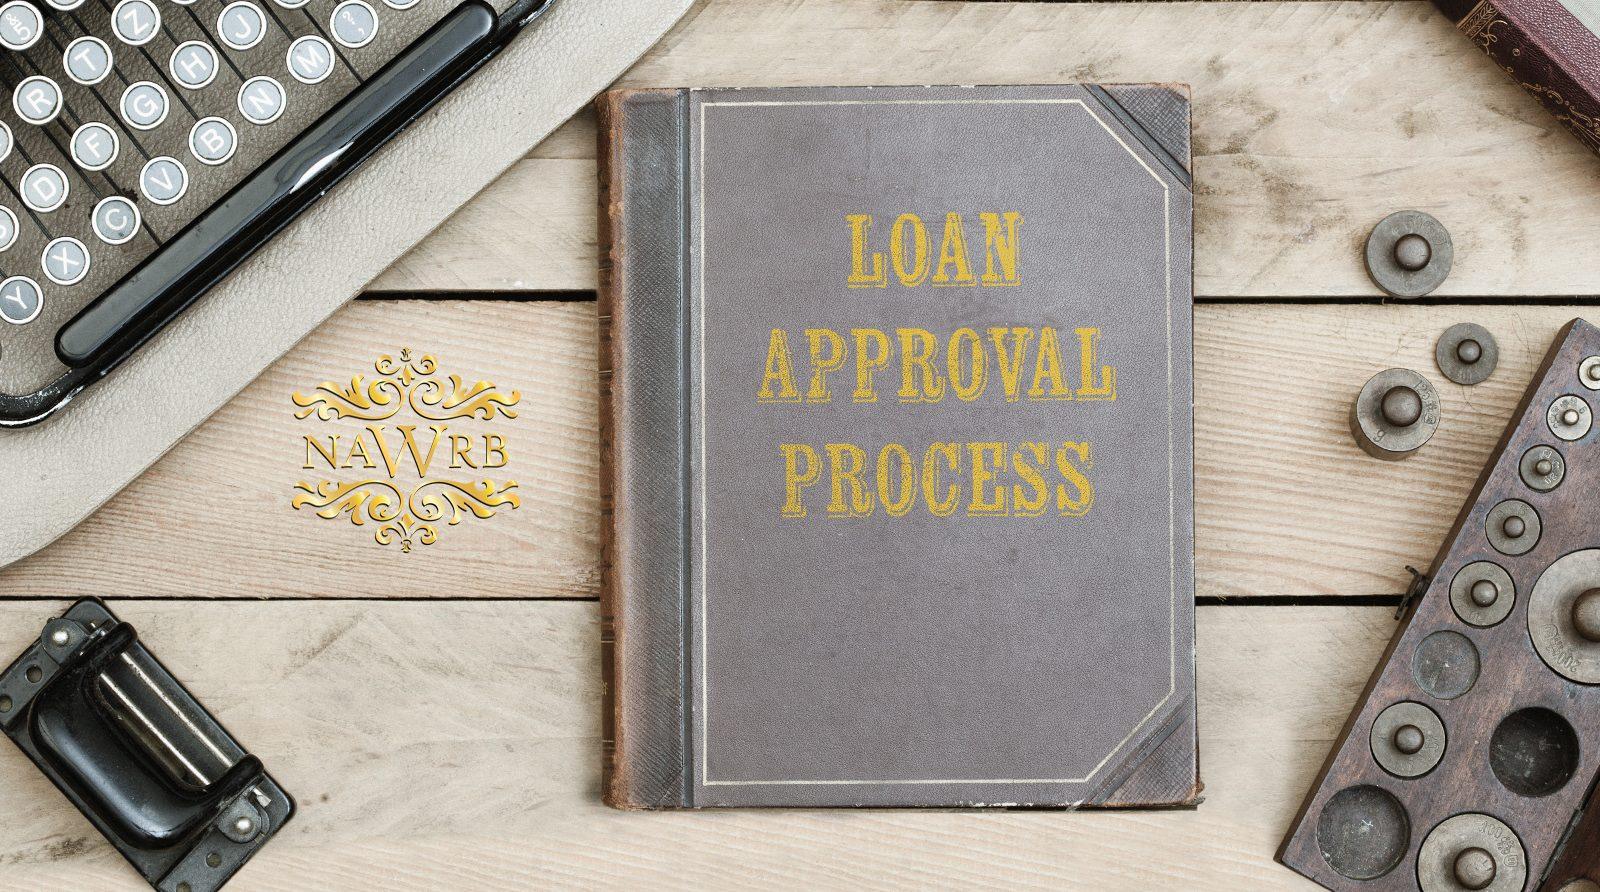 LoanApproval